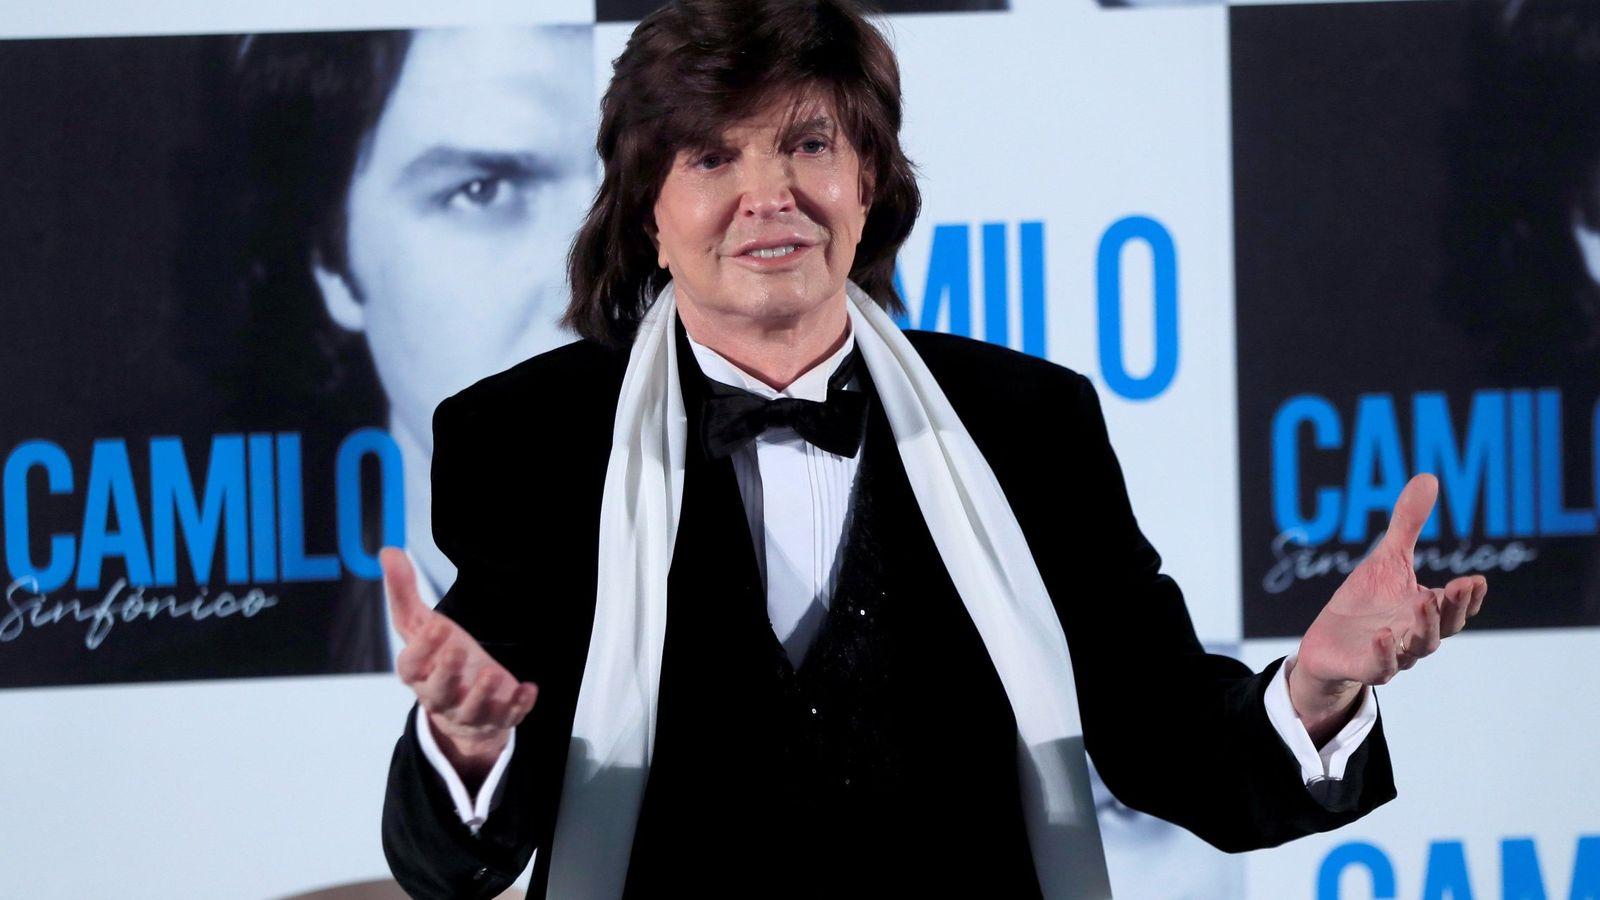 Foto: El cantante Camilo Sesto, durante la presentación de su álbum 'Camilo sinfónico'. (EFE)